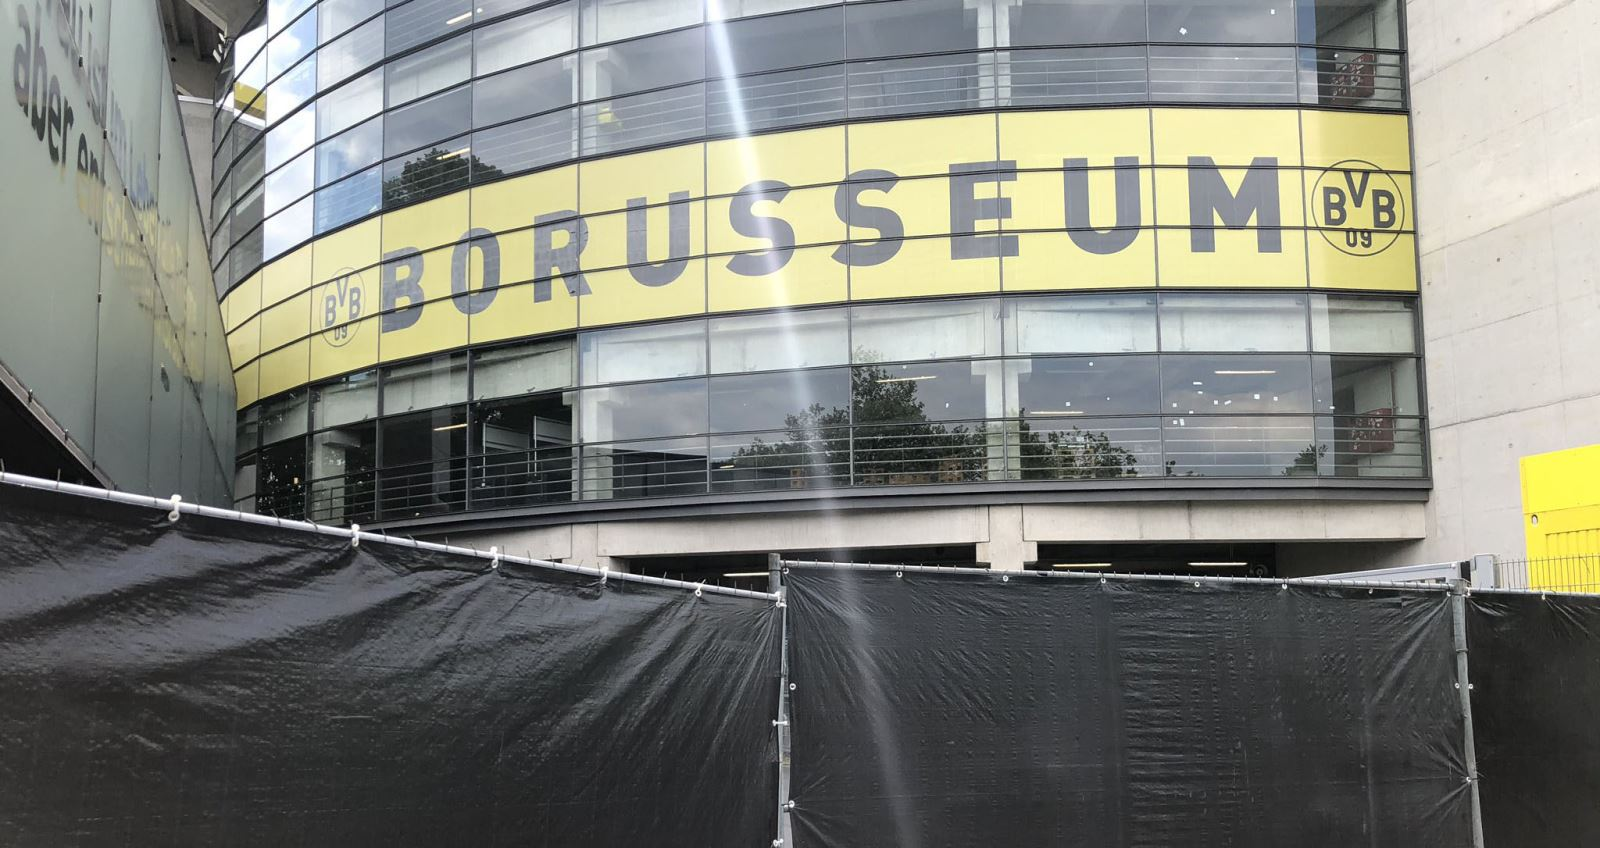 bóng đá, bong da, Bundesliga, trực tiếp bóng đá, Dortmund vs Schalke, trực tiếp Dortmund vs Schalke, Dortmund, Schalke, bóng đá Đức